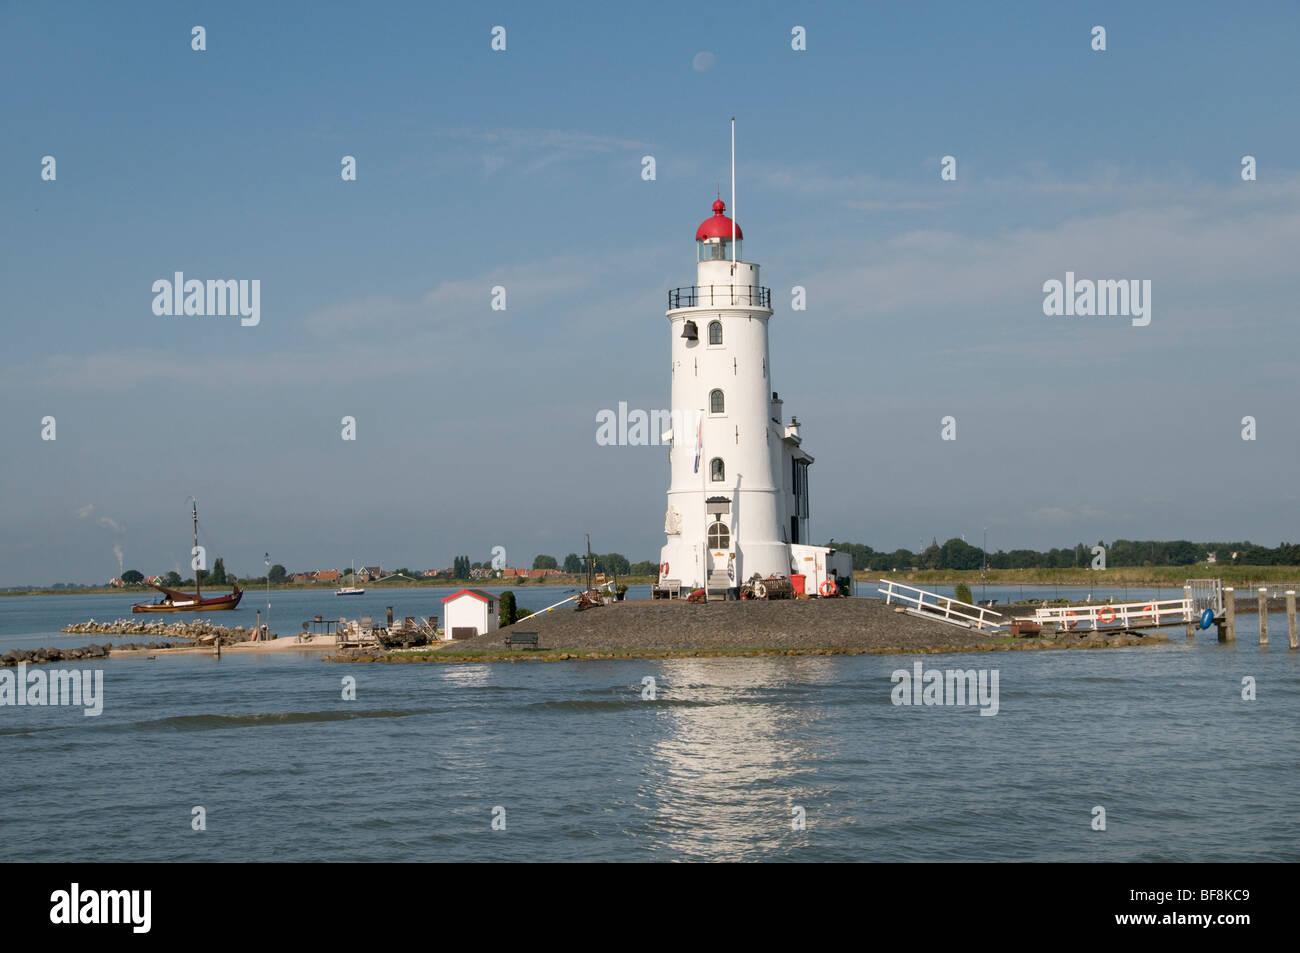 Het Paard van Marken Horse of Marken  Lighthouse IJsselmeer  Volendam Netherlands Holland - Stock Image